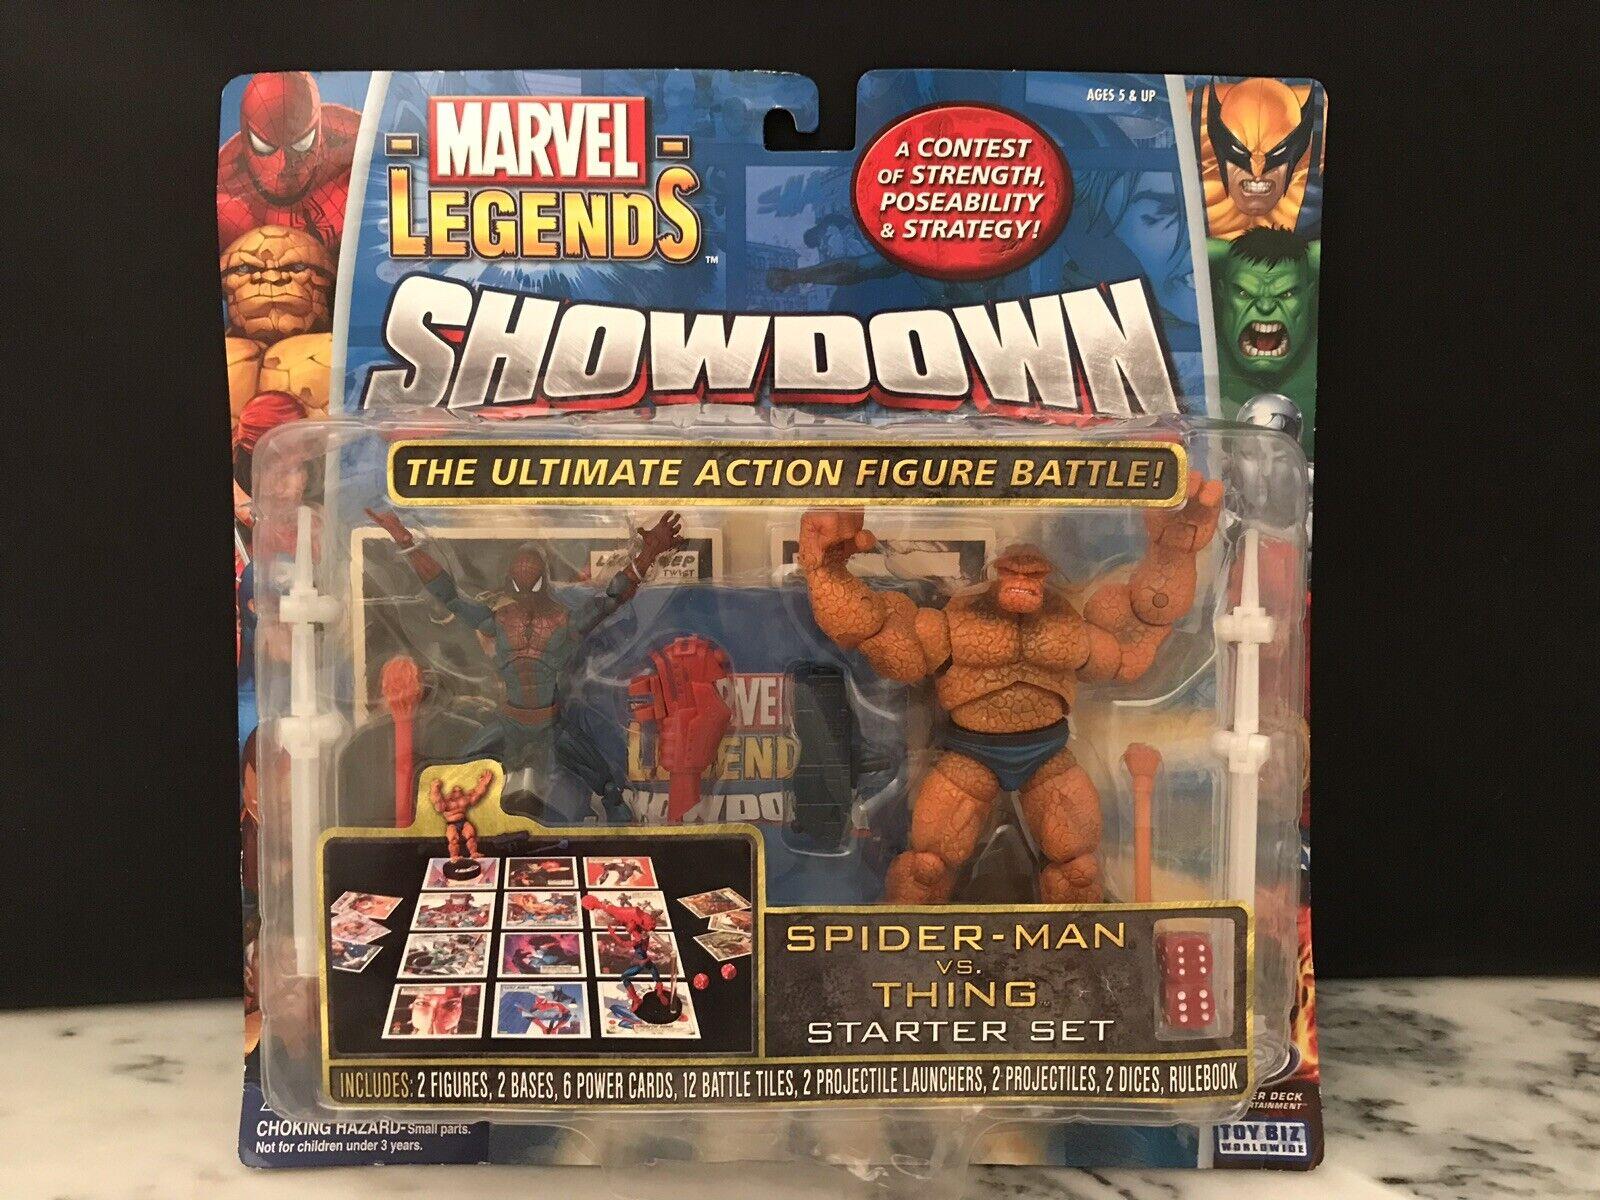 2005 giocattolo Biz SPIDERuomo VS CosaMarvel leggende mostraredown gioco estrellater SetNUOVI